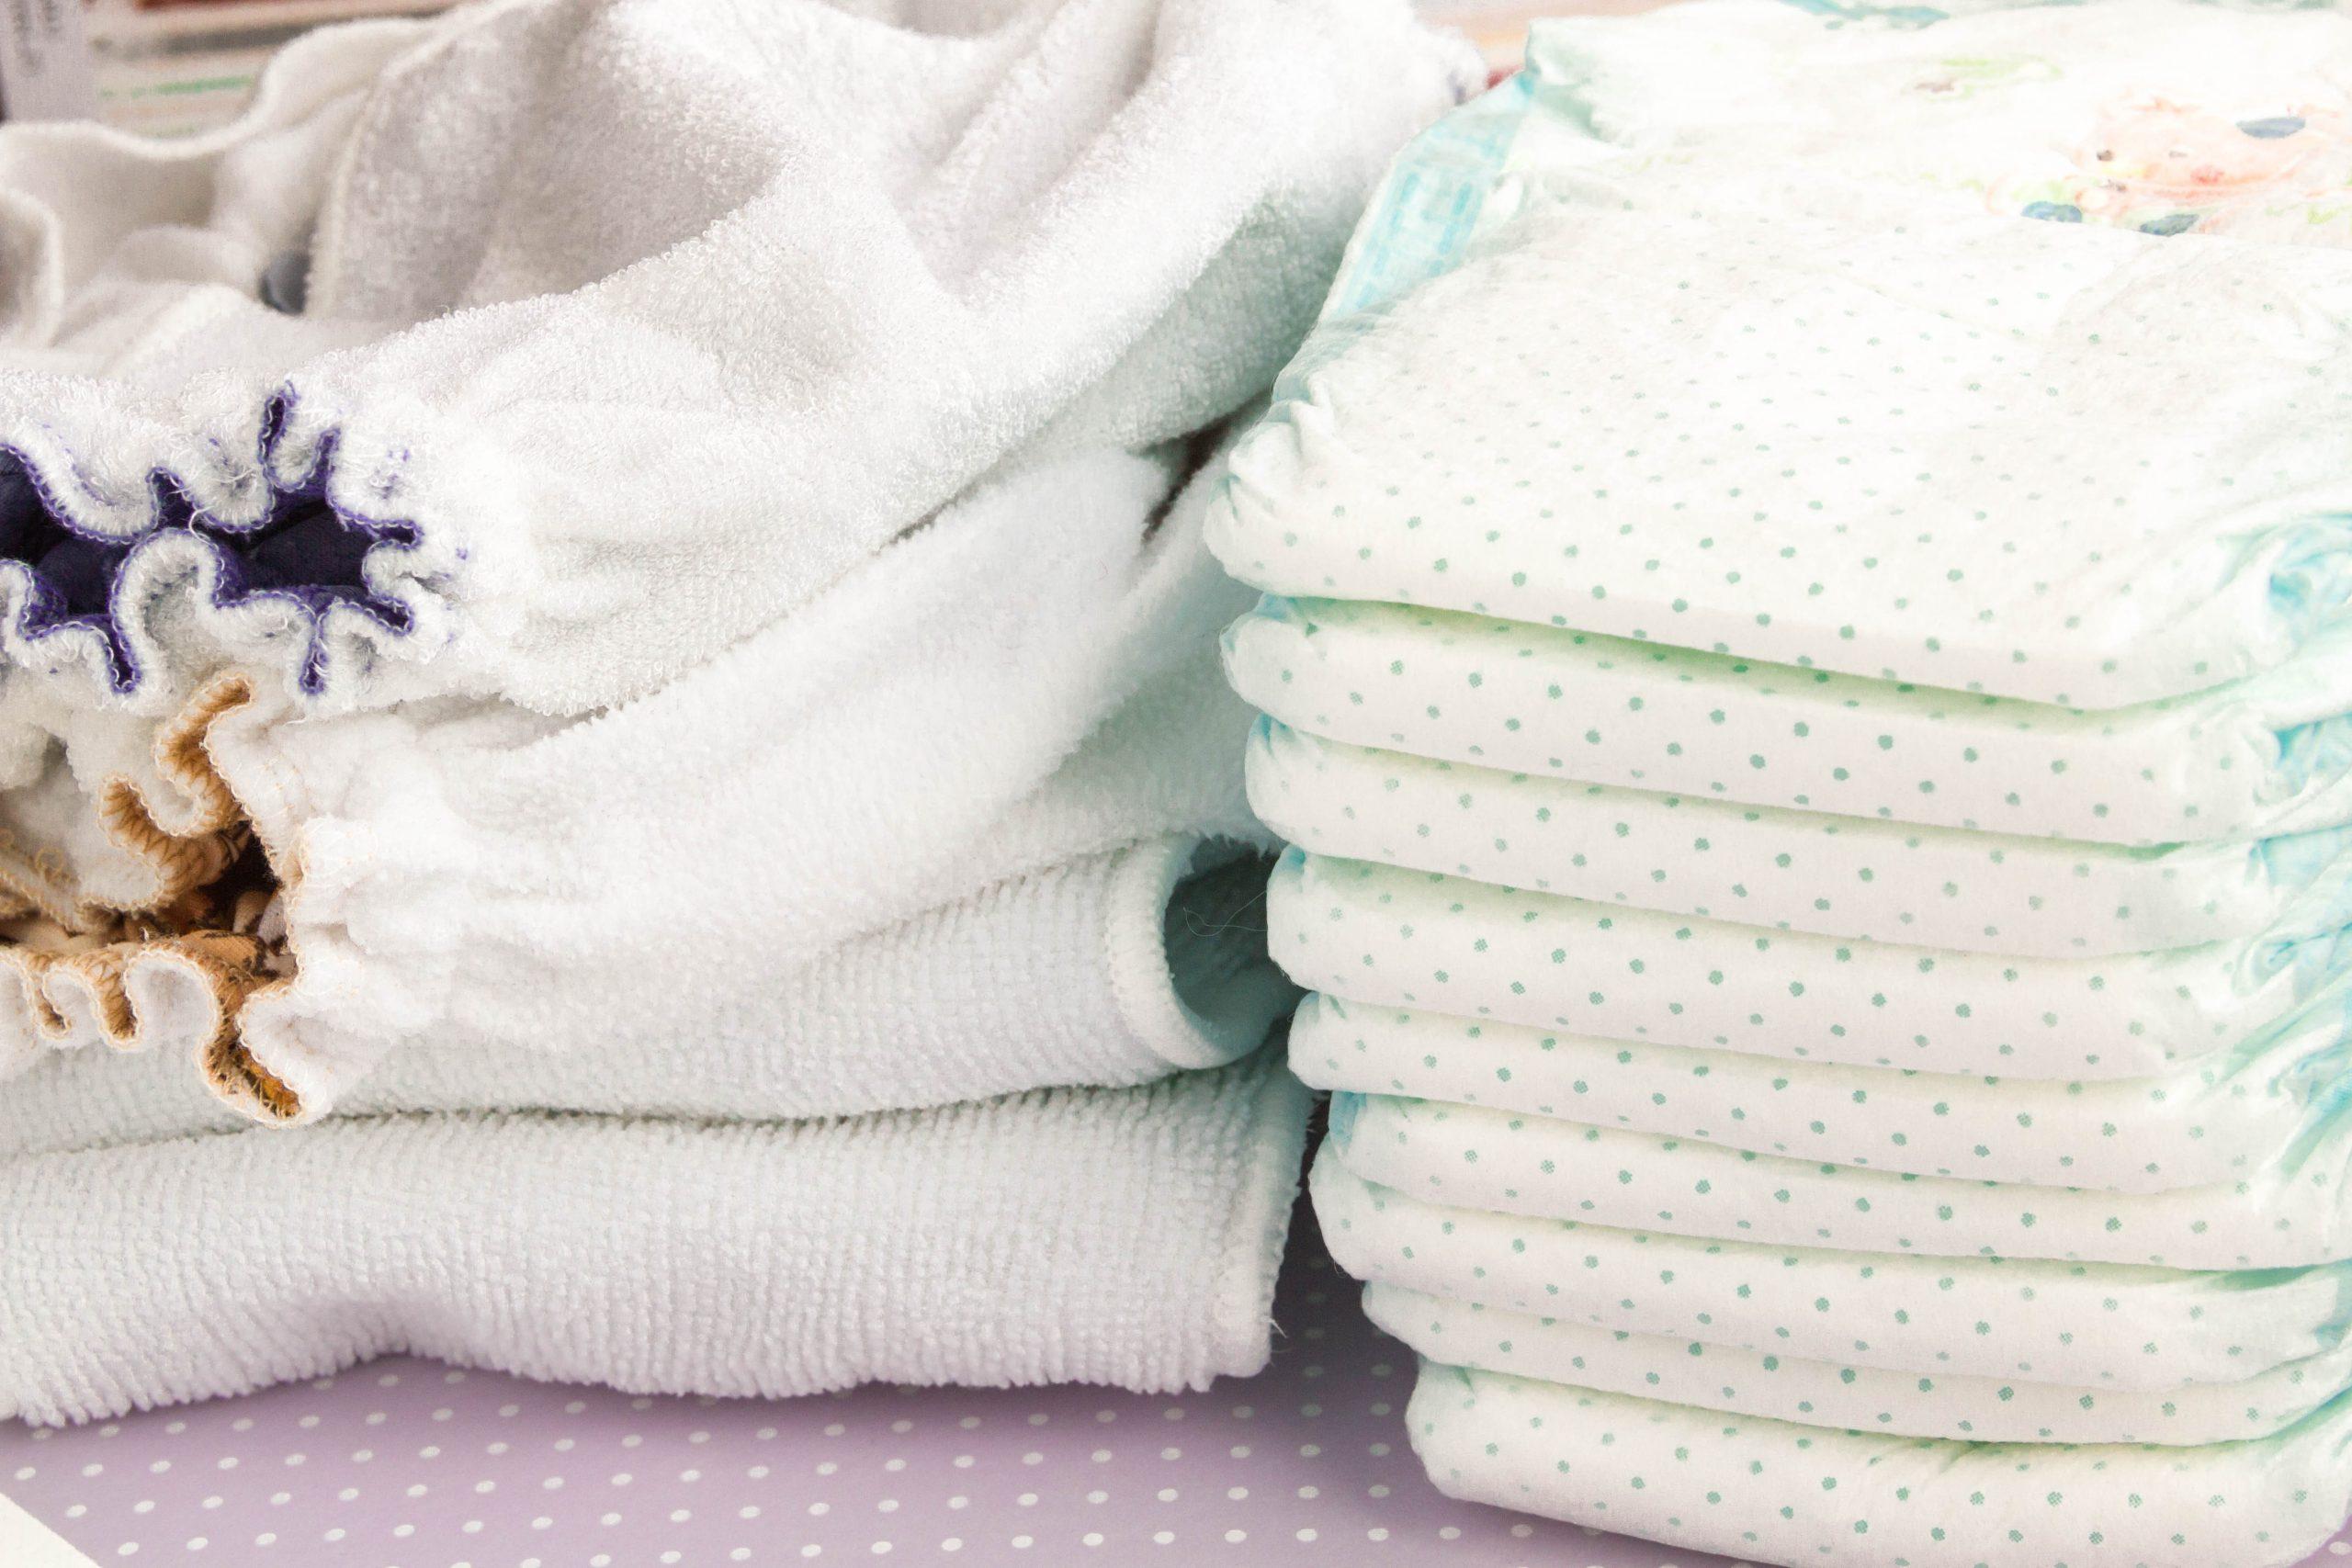 choosing nappies